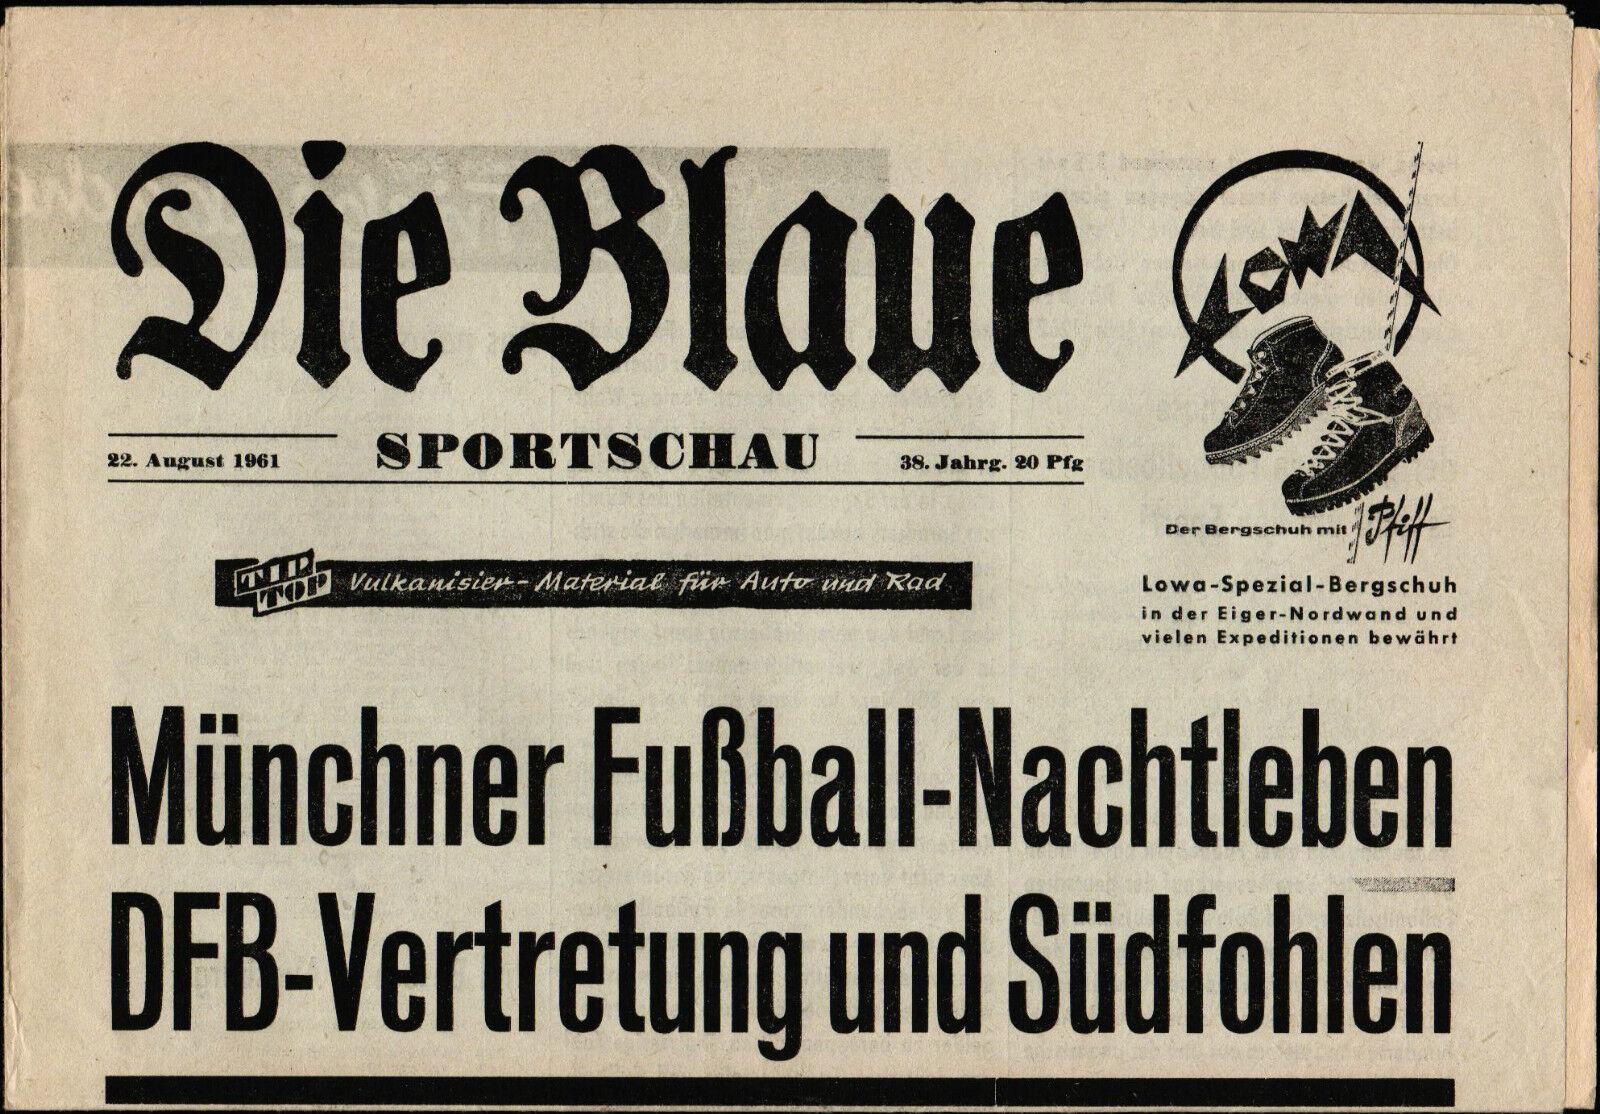 22.08.1961 DFB-Auswahl - Süd-Junioren in München